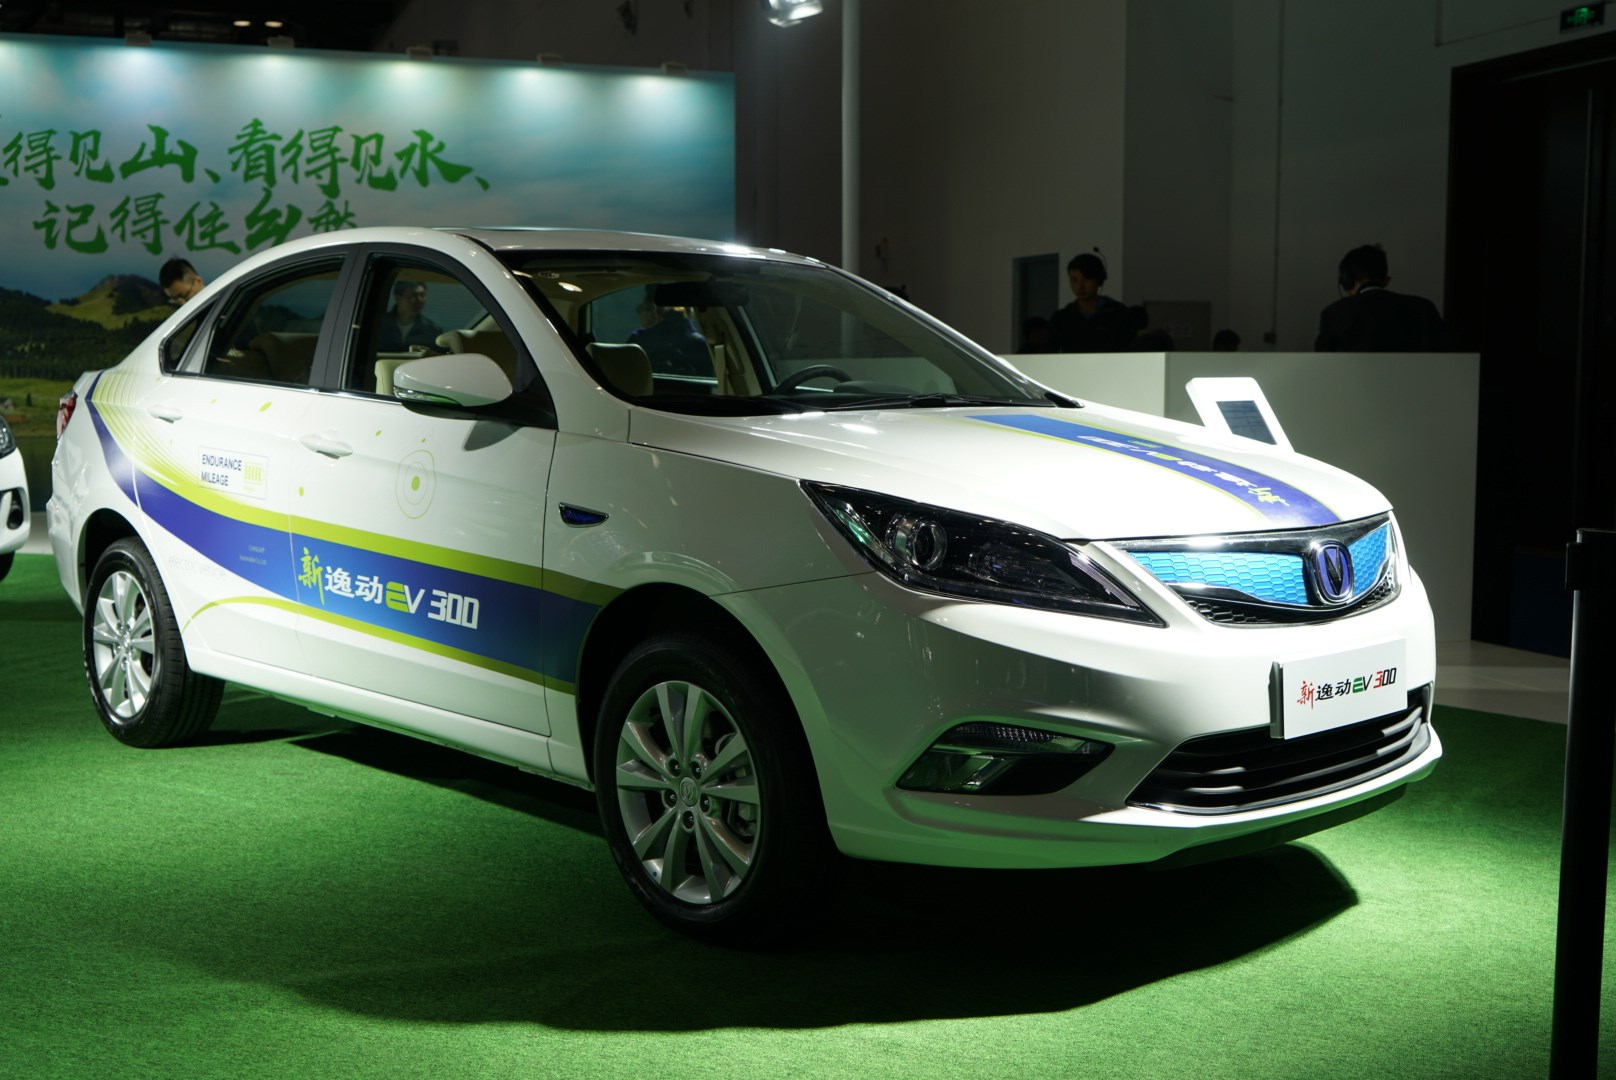 长安逸动EV300正式上市 补贴后售12.19-13.69万元